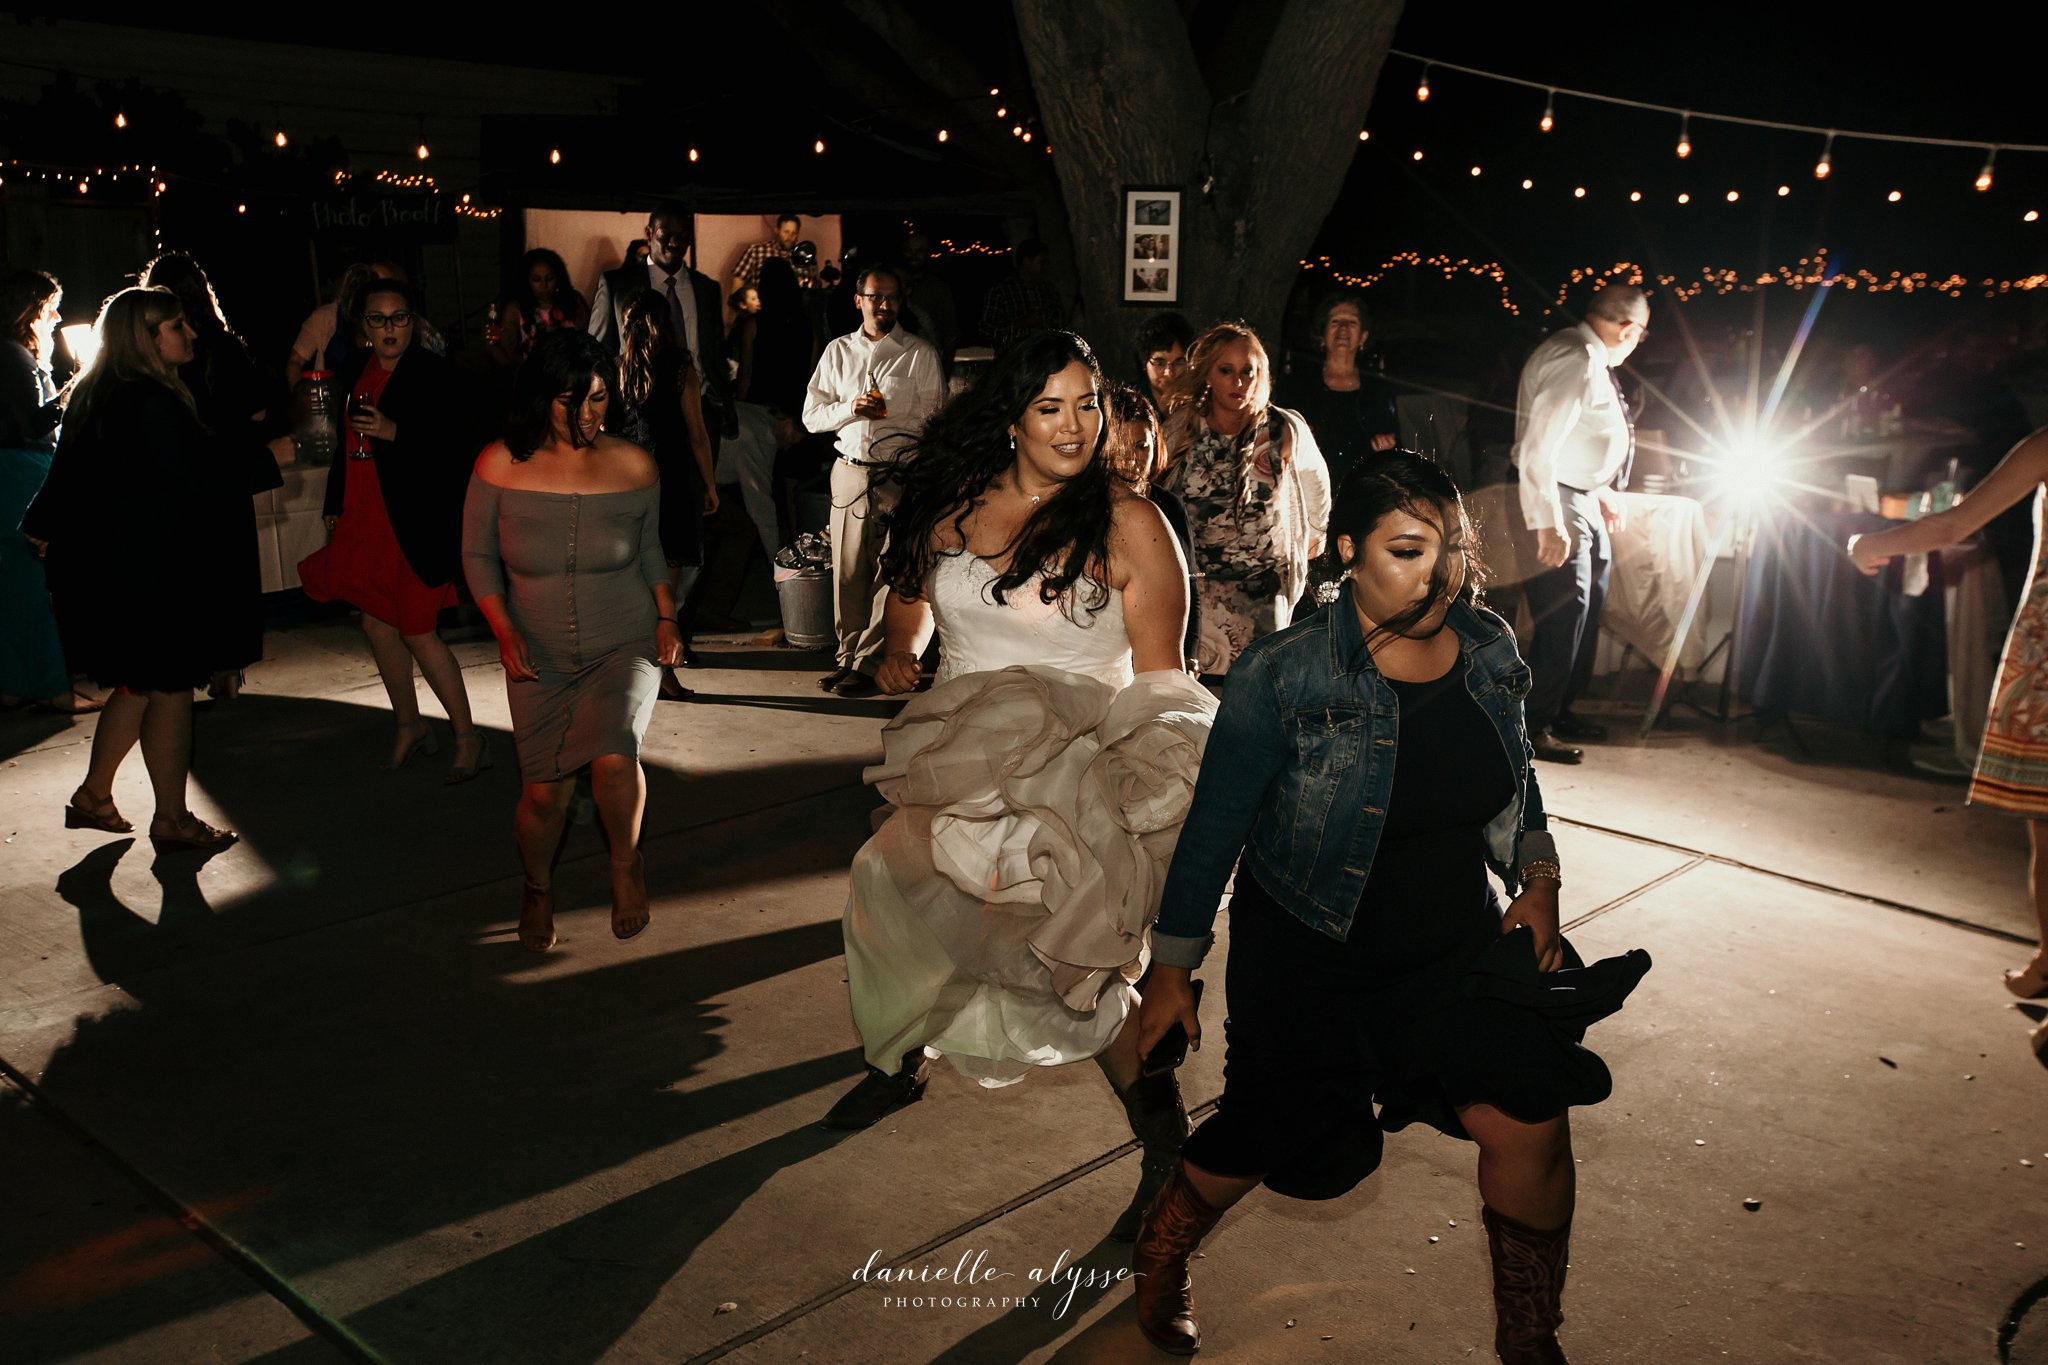 180630_wedding_lily_ryan_mission_soledad_california_danielle_alysse_photography_blog_1288_WEB.jpg